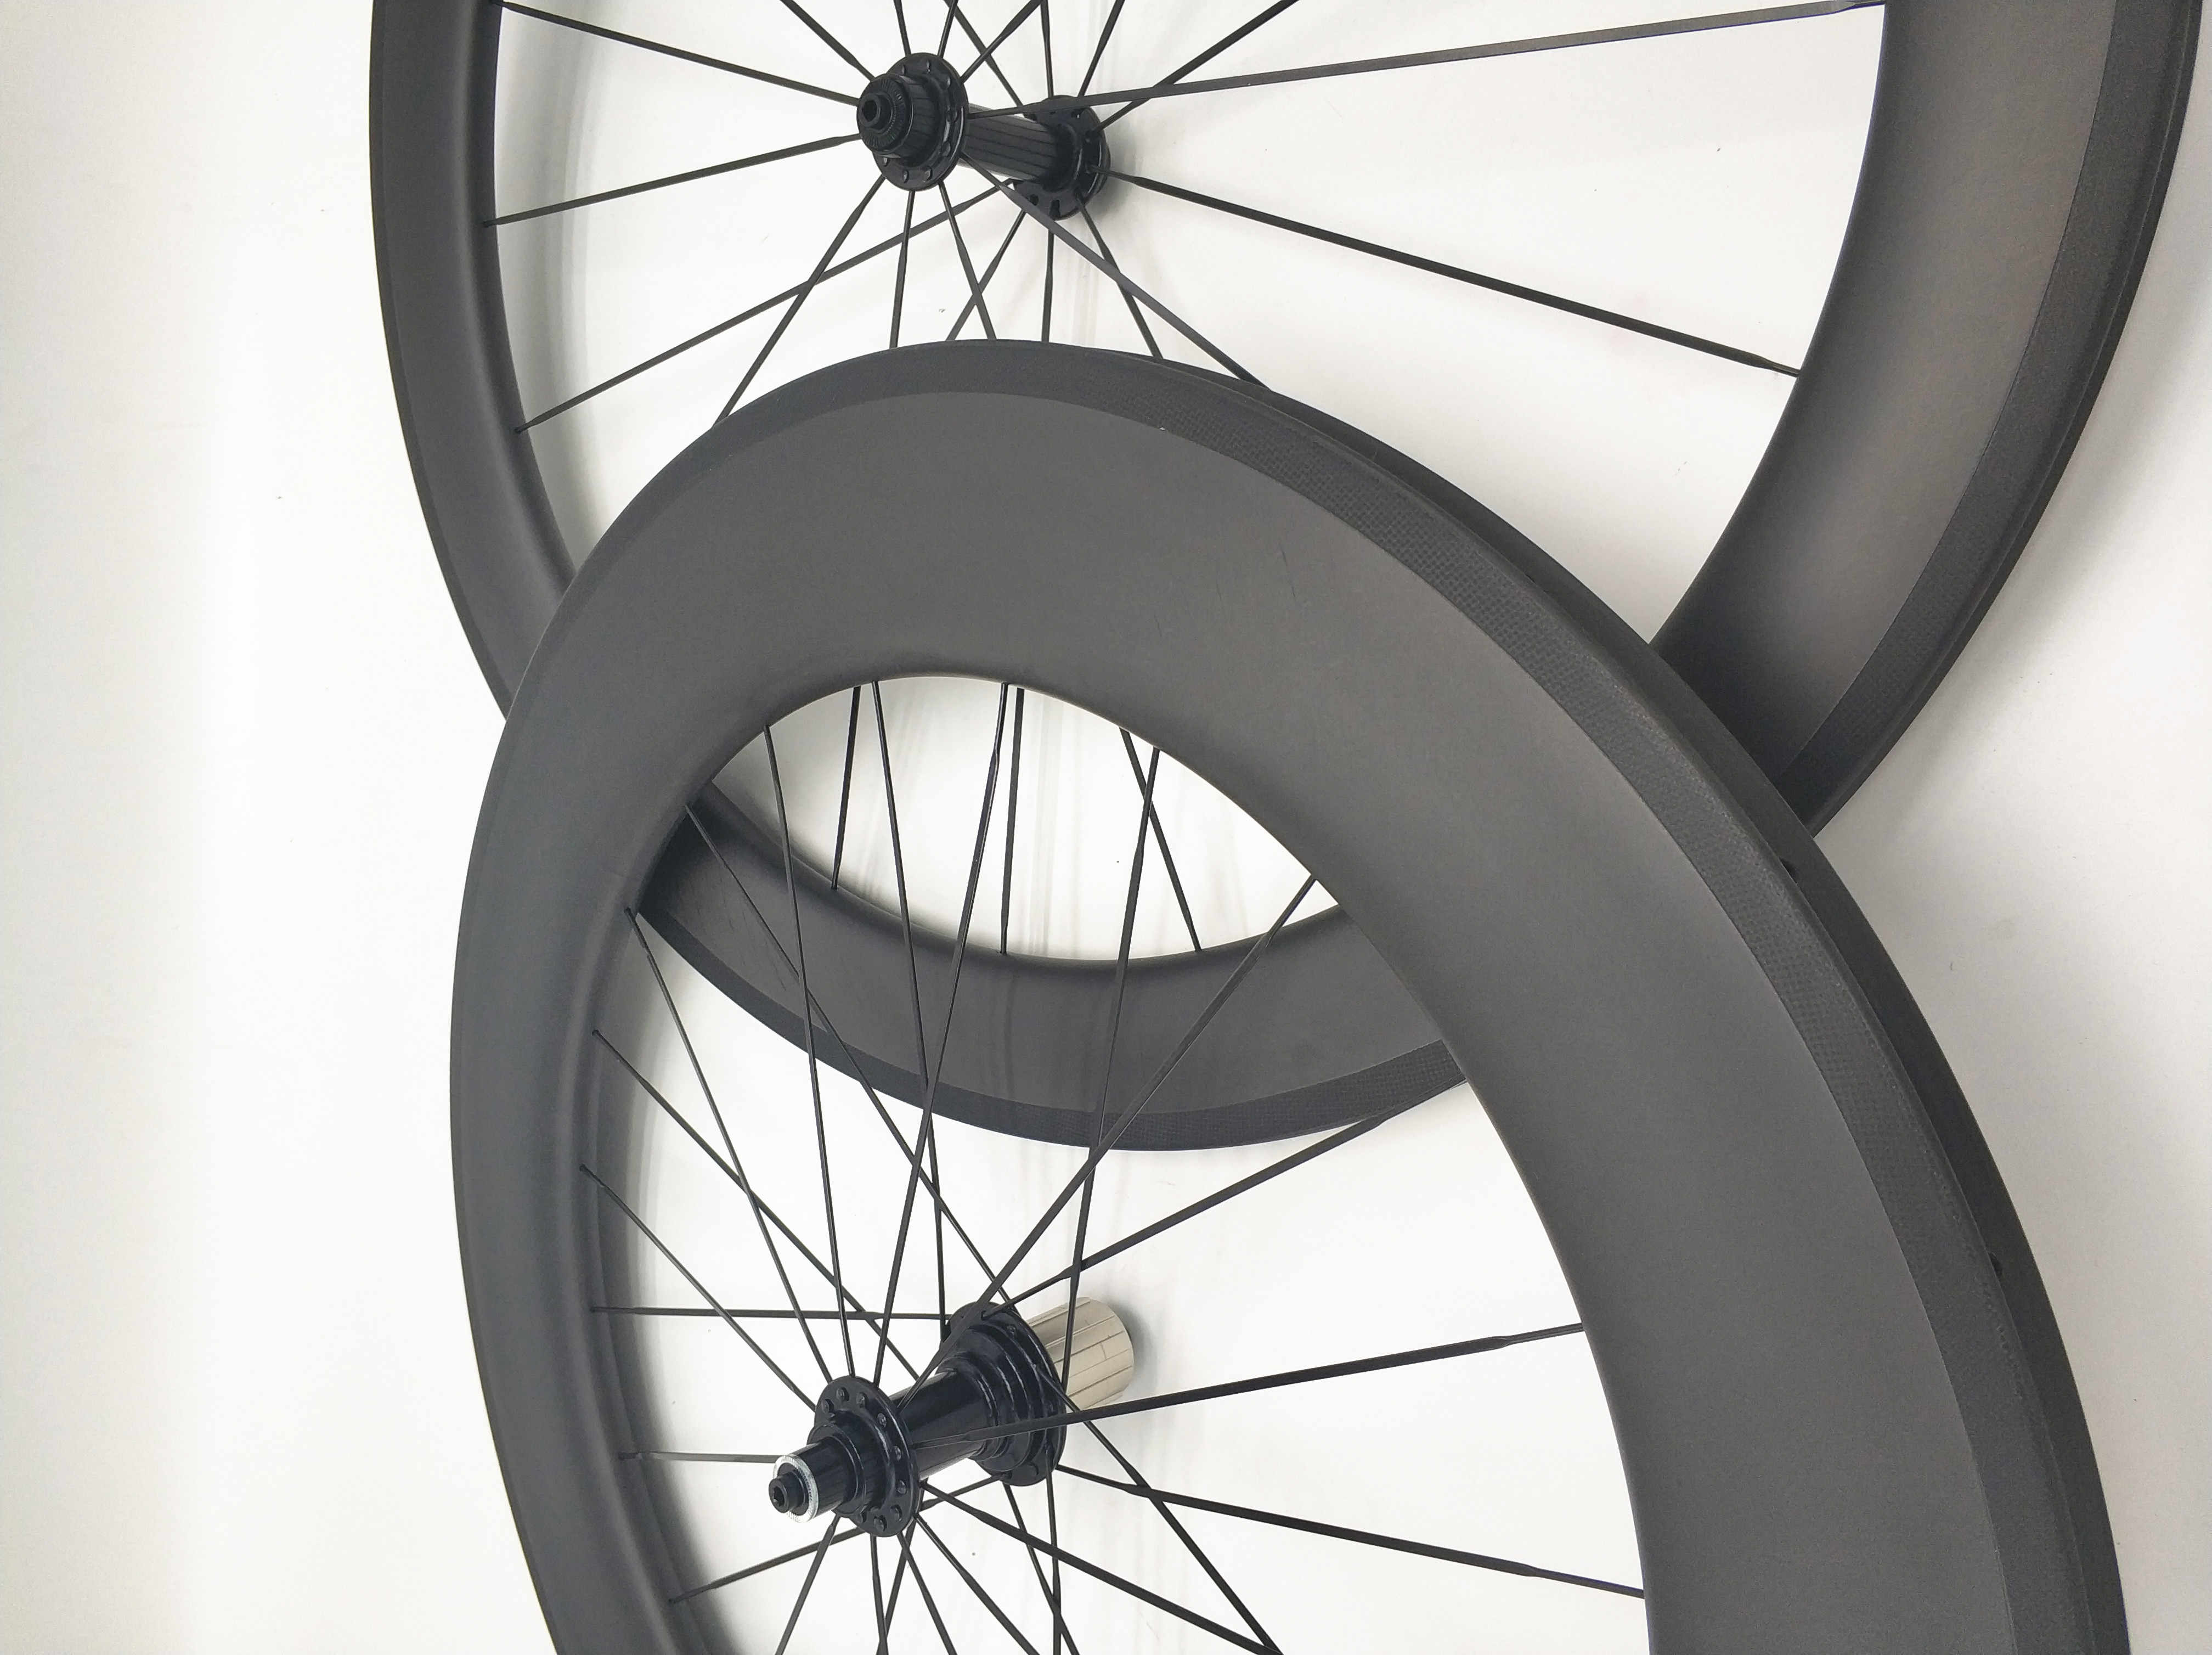 700c pneu tubulaire 23mm ou 25mm largeur roues en carbone 38mm 50mm 60mm 88mm carbone roues de route roues en carbone roues de vélo